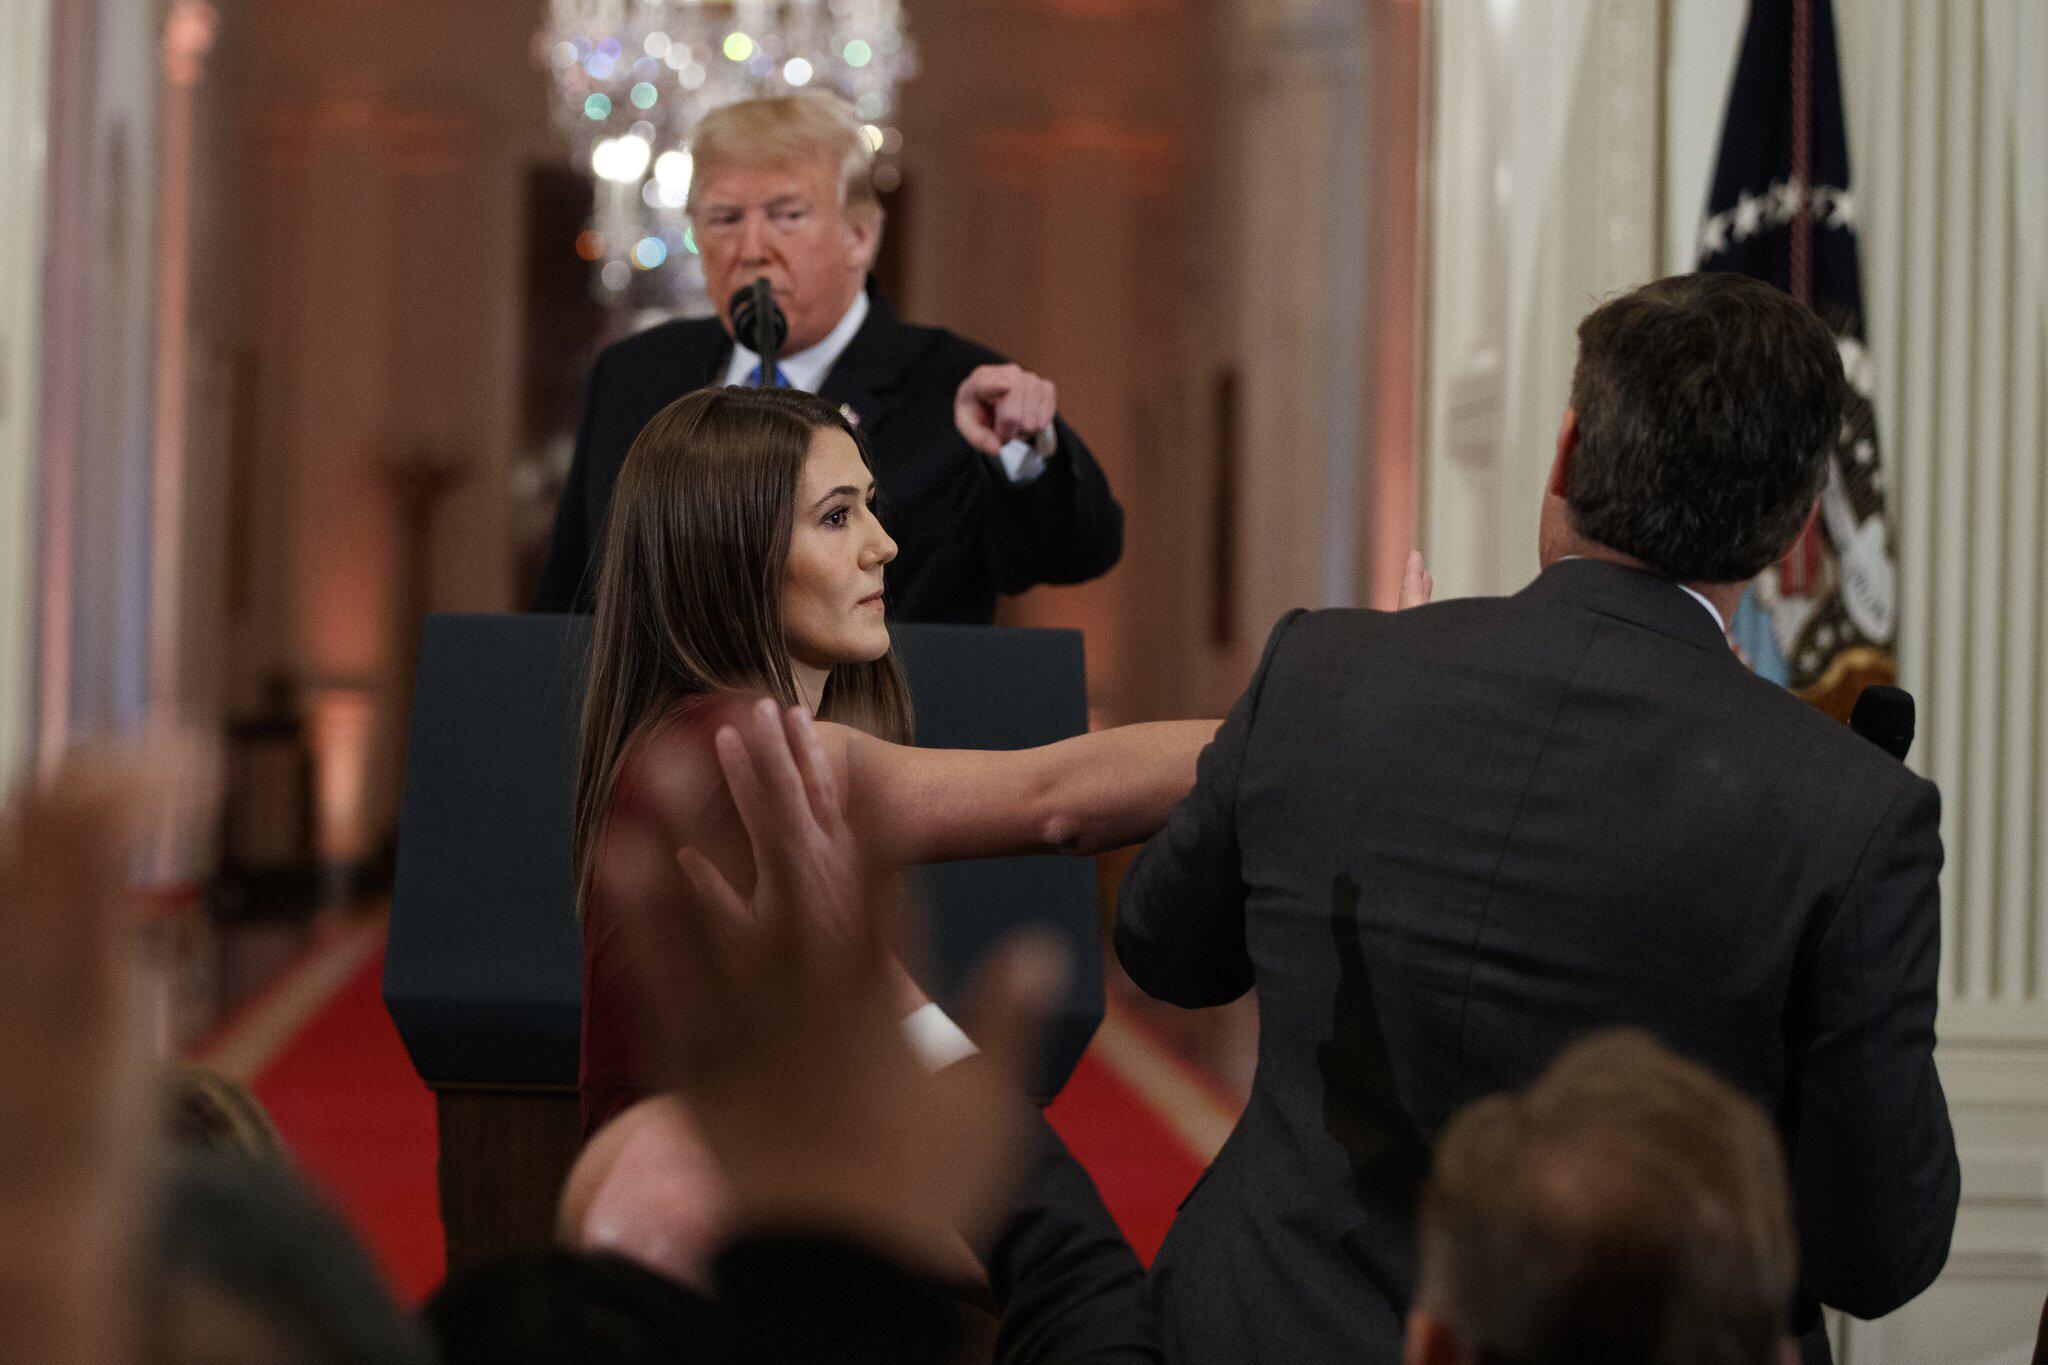 Bild zu Eklat um Pressefreiheit - Donald Trump